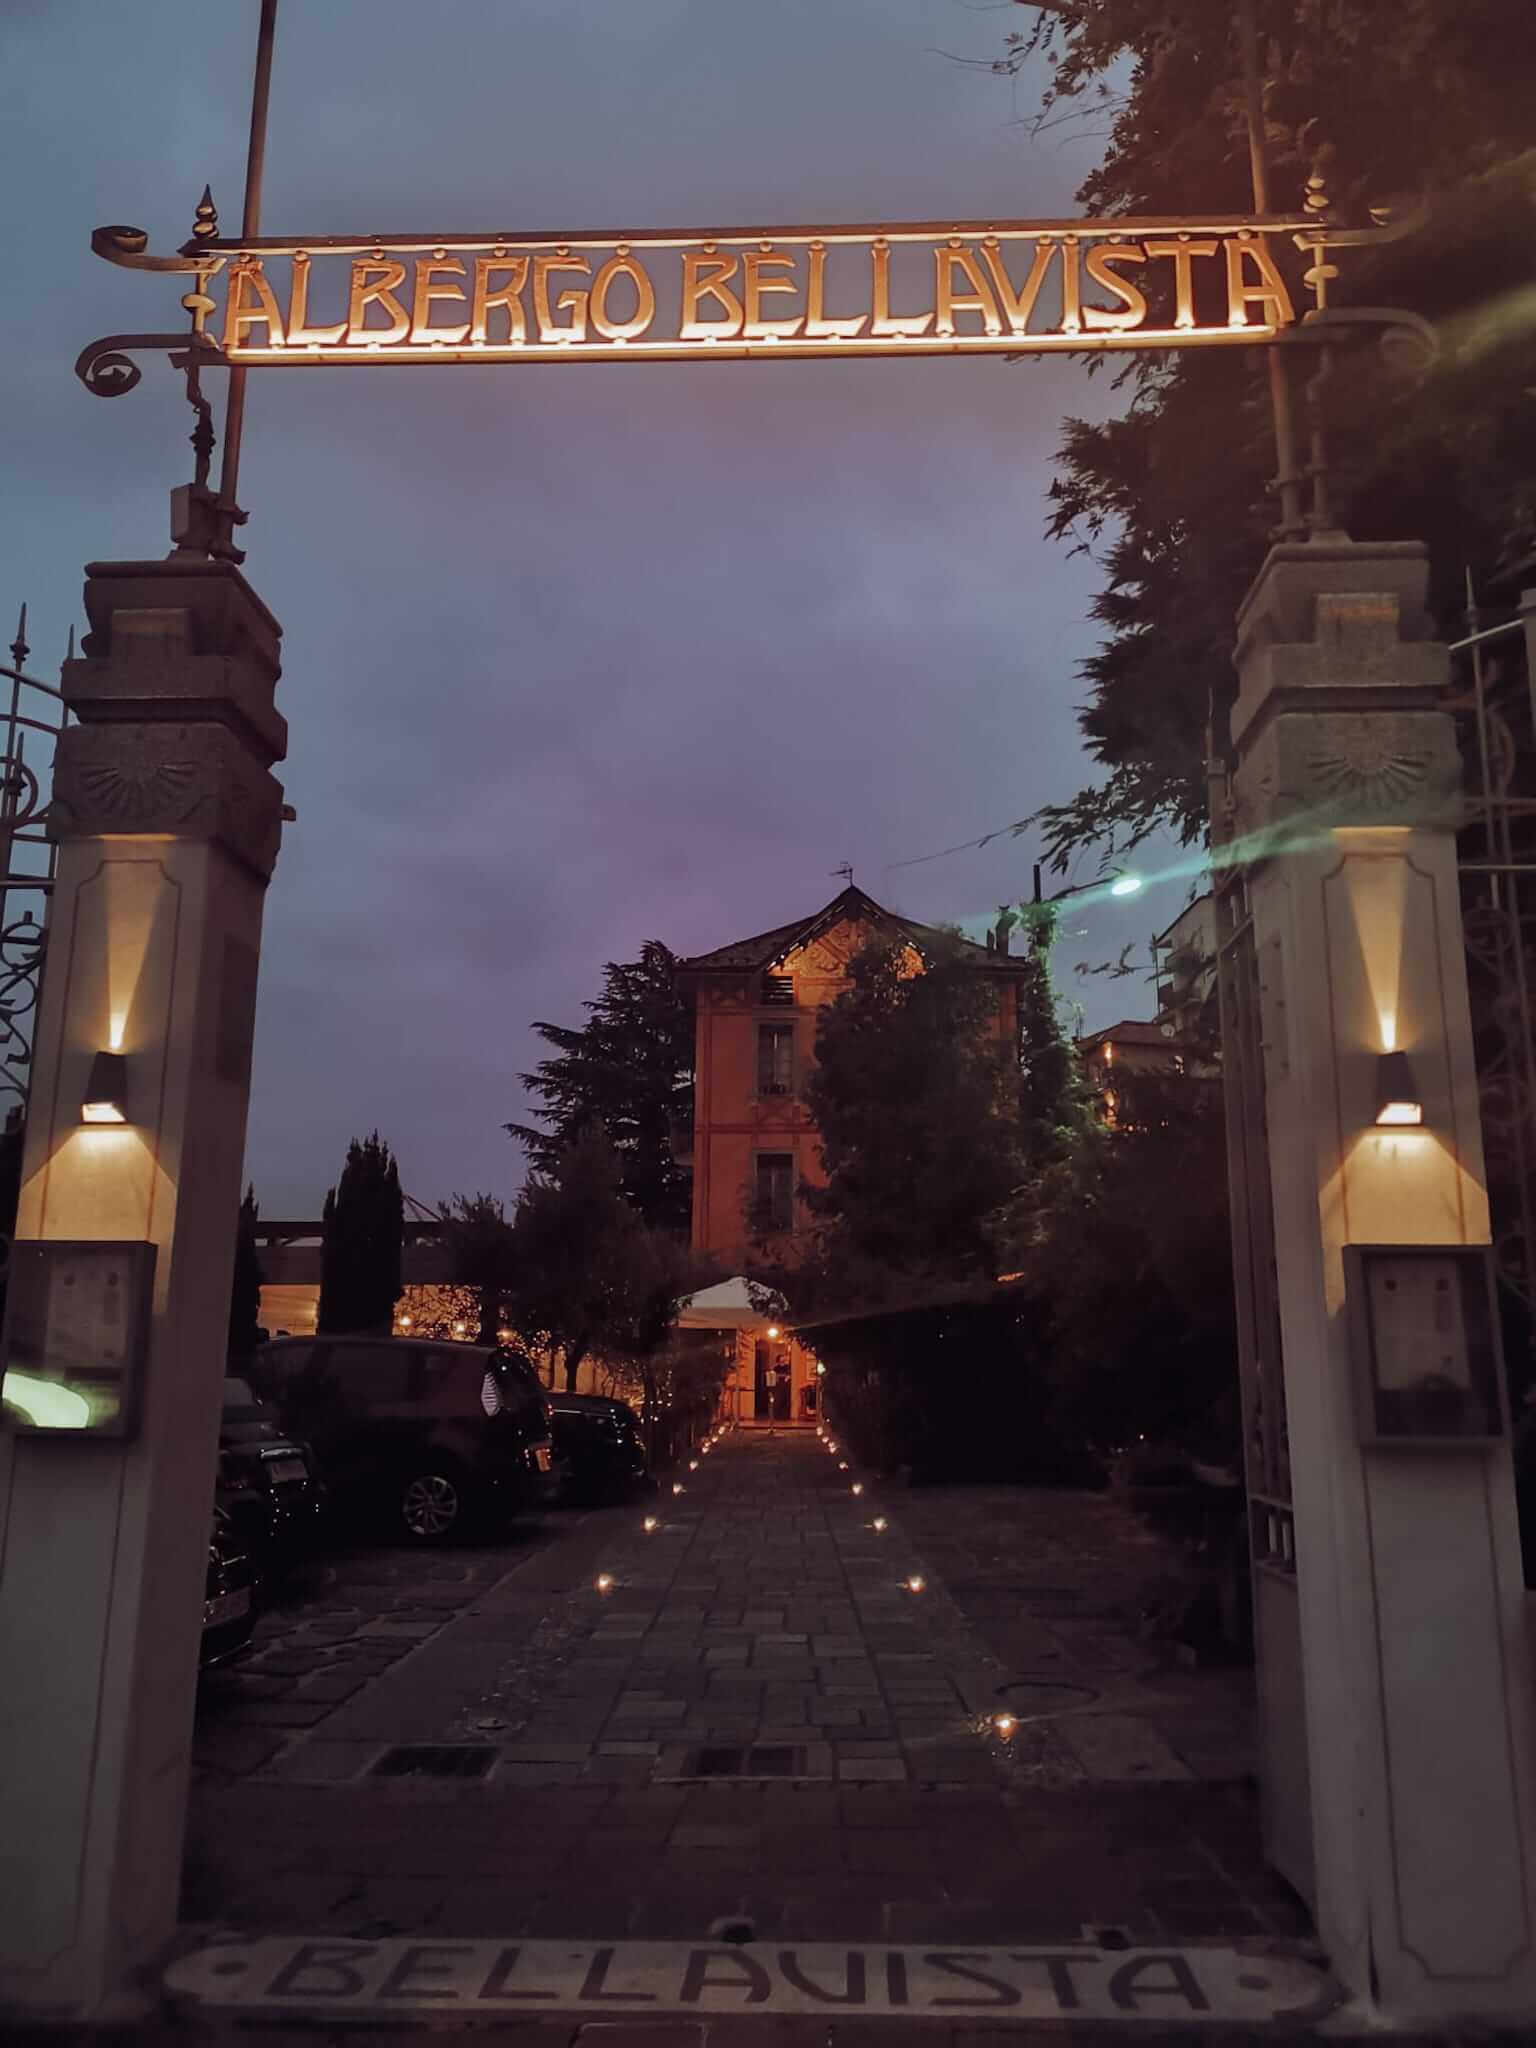 entrada do Albergo Bellavista em Brunate